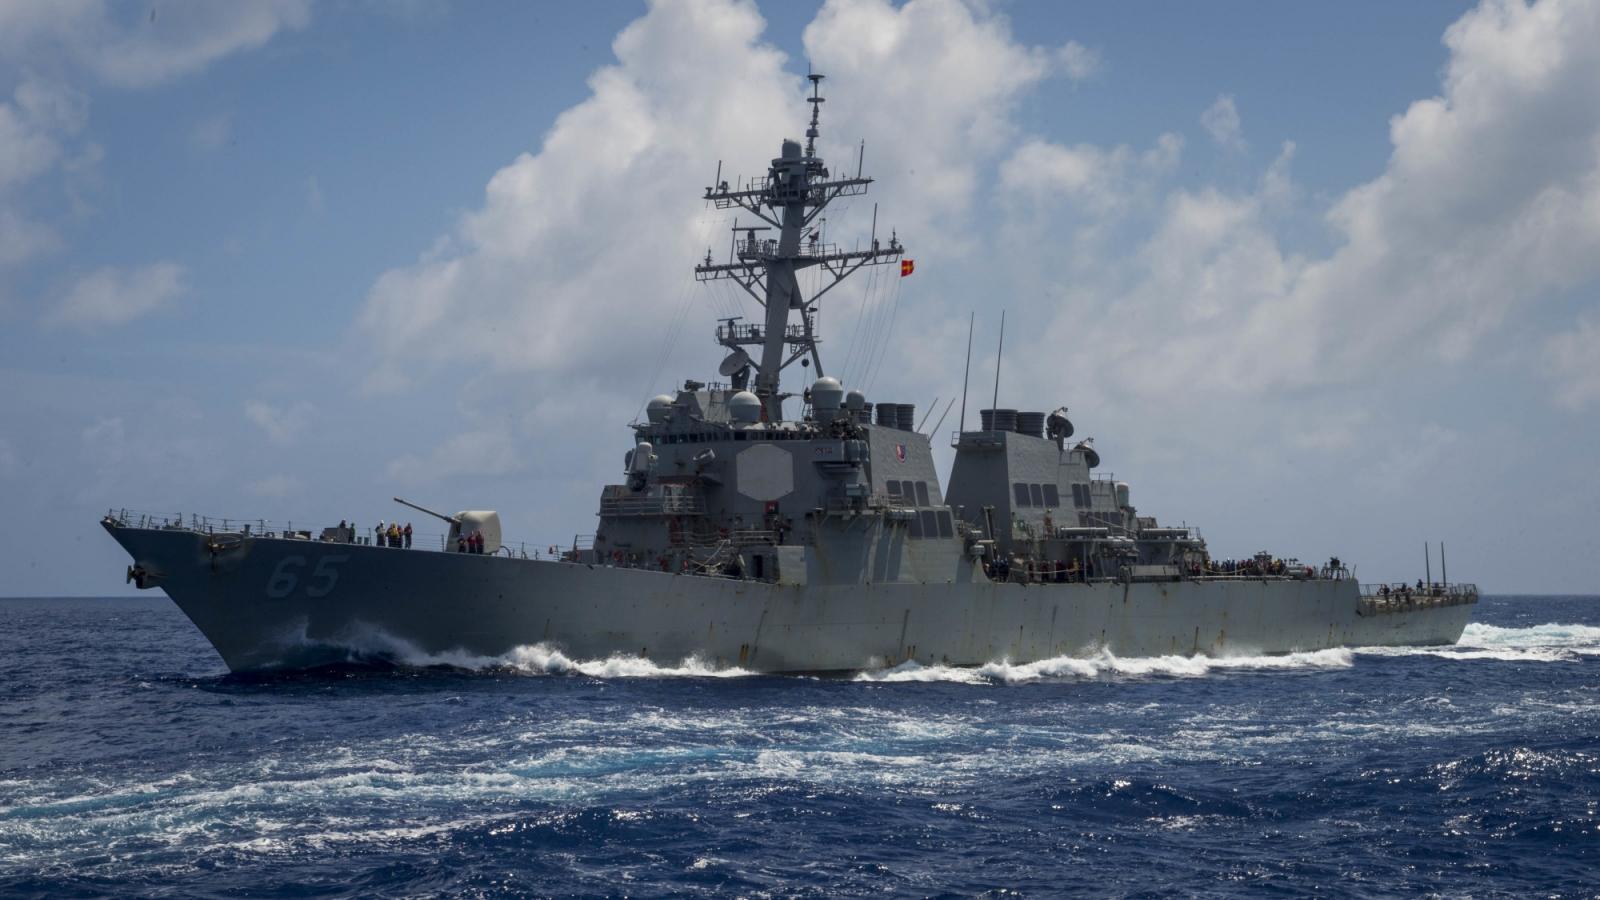 Mỹ điều tàu khu trục tên lửa dẫn đường đi qua eo biển Đài Loan